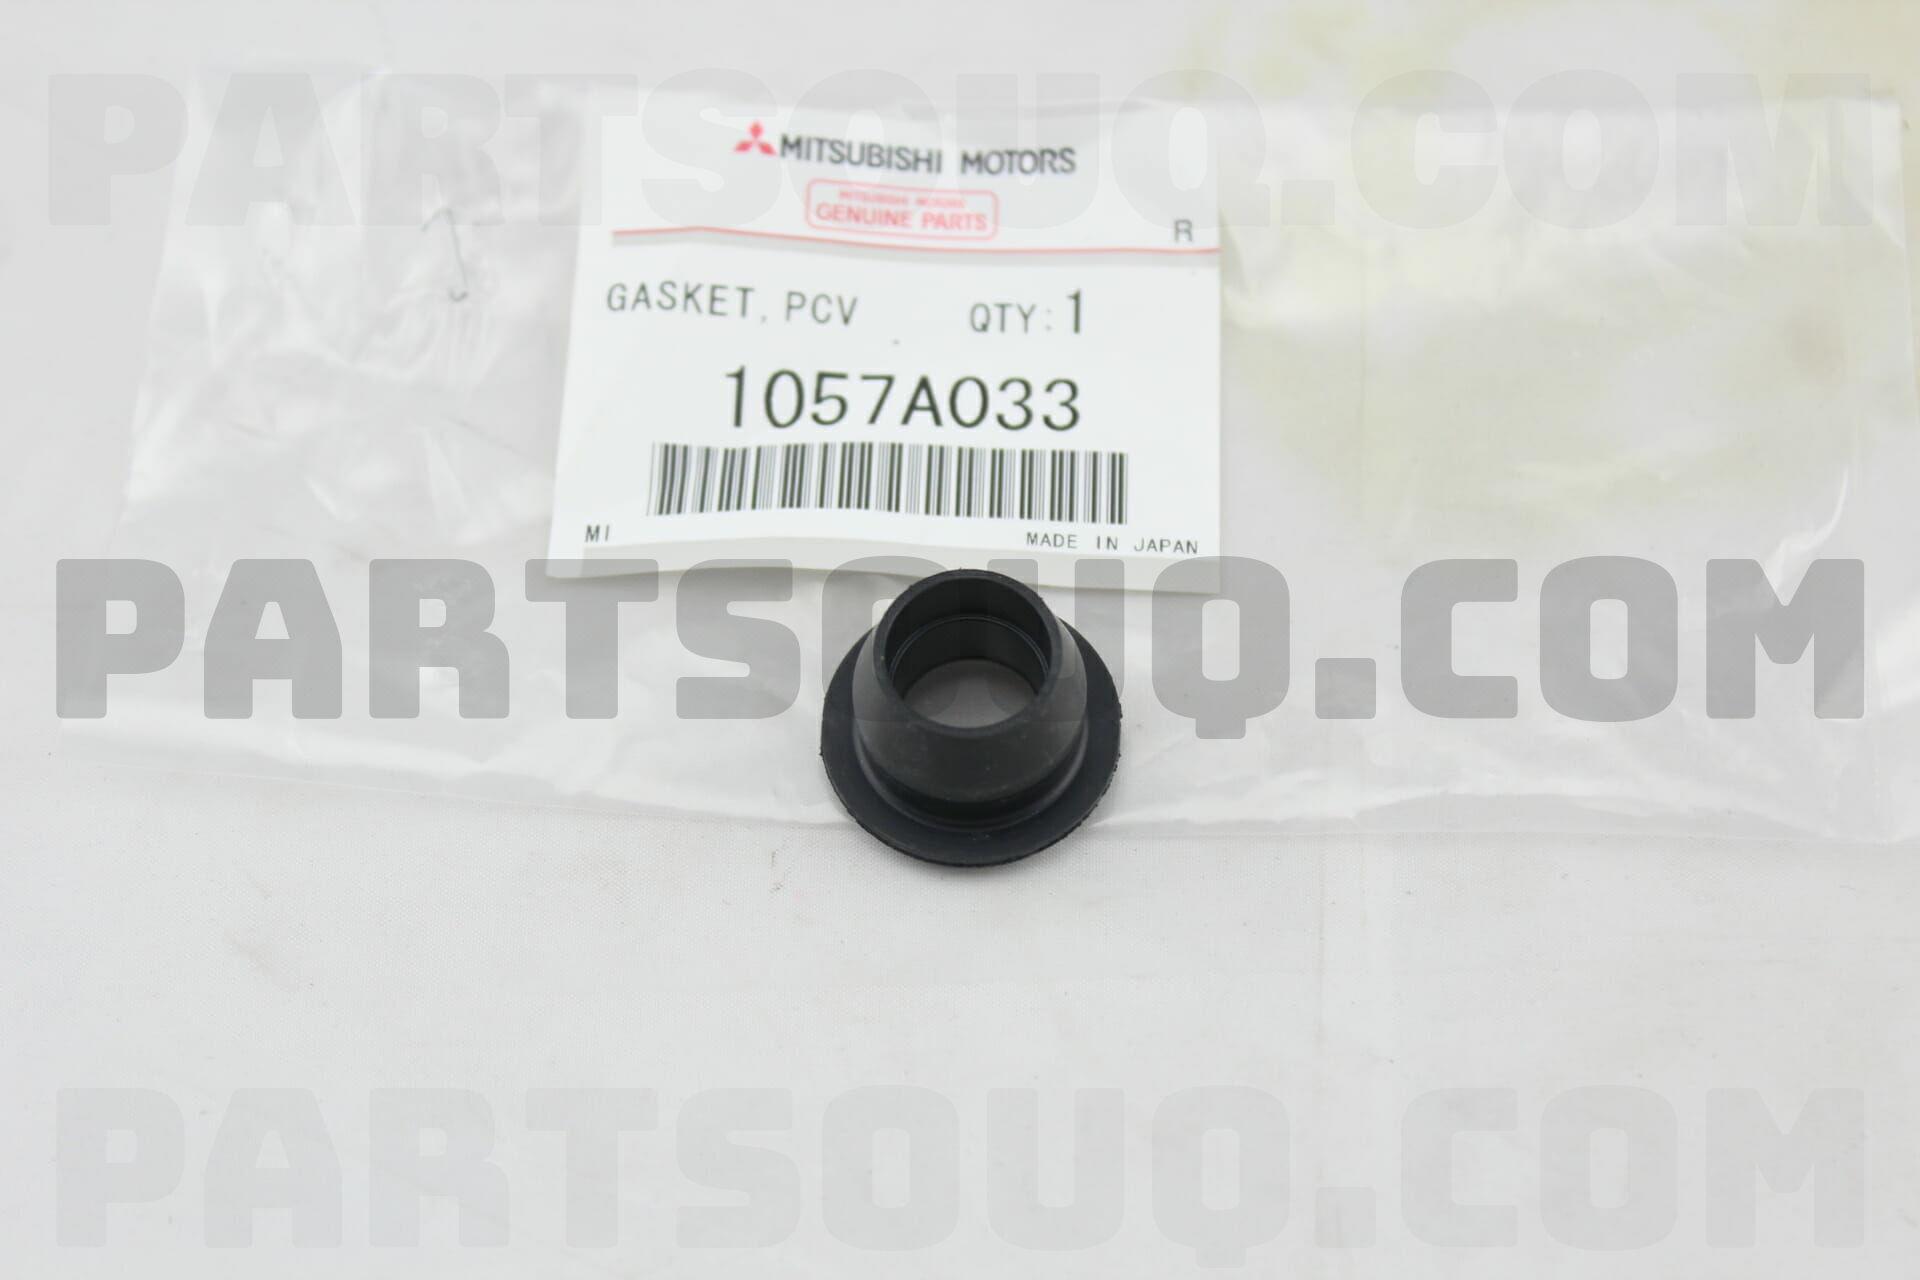 Md179909 Mitsubishi Gasketpcvvalve Price 475 Weight 0003kg Mercedes Benz Pcv Valve 1057a033 Gasketpcv